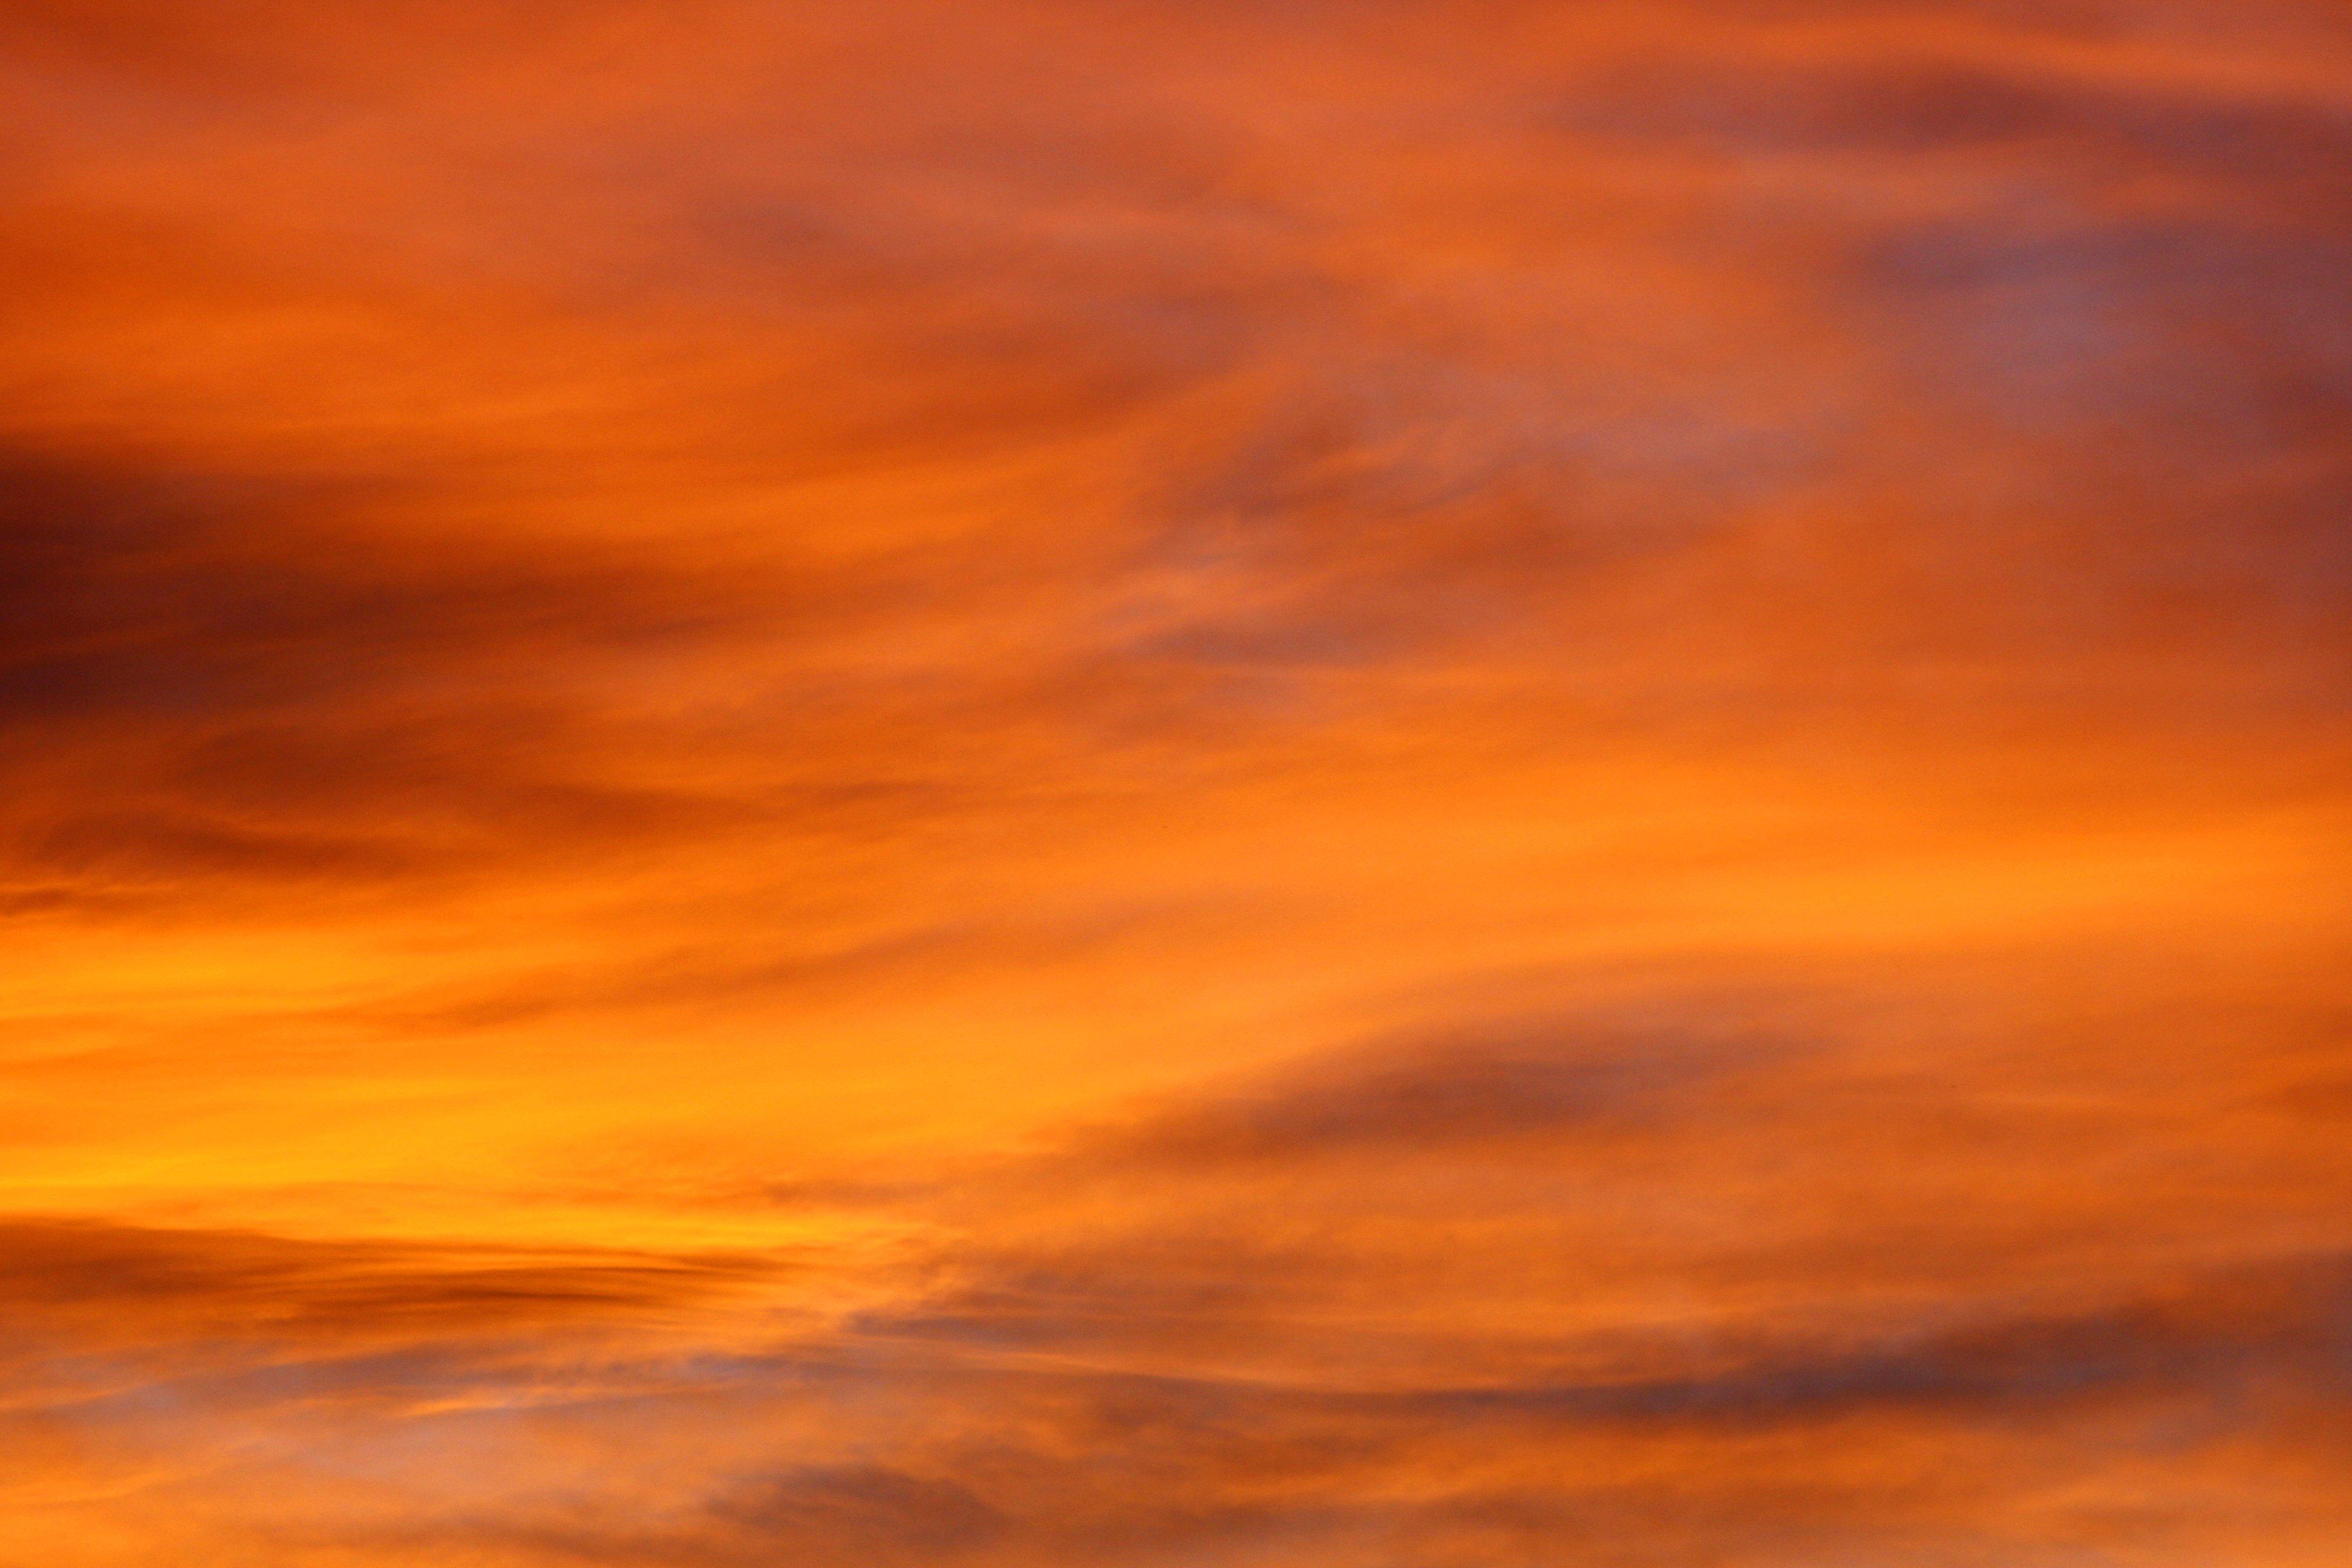 Sunset Clouds Wallpaper 1943898 Hd Wallpaper